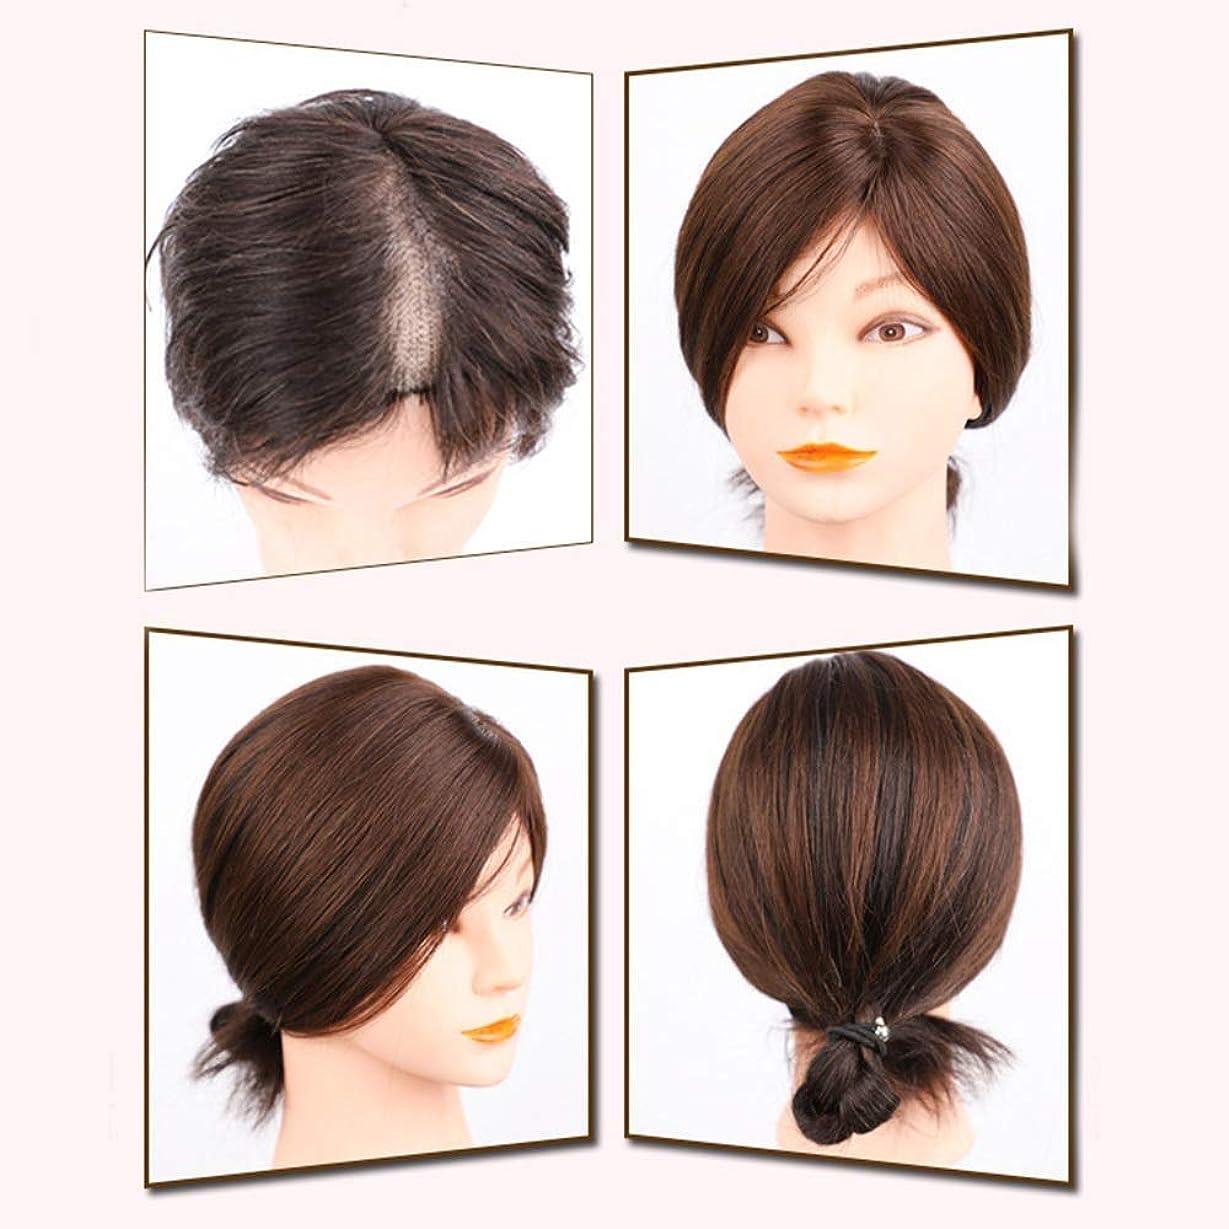 非難する書き込み空気BOBIDYEE 女性のフルハンド織り髪交換用ヘアブロック自然な見えないかつら部分をカバーするためのかつら白髪を増やすためにかつらレースのかつらロールプレイングかつら (色 : Natural color, Design : Hand needle)